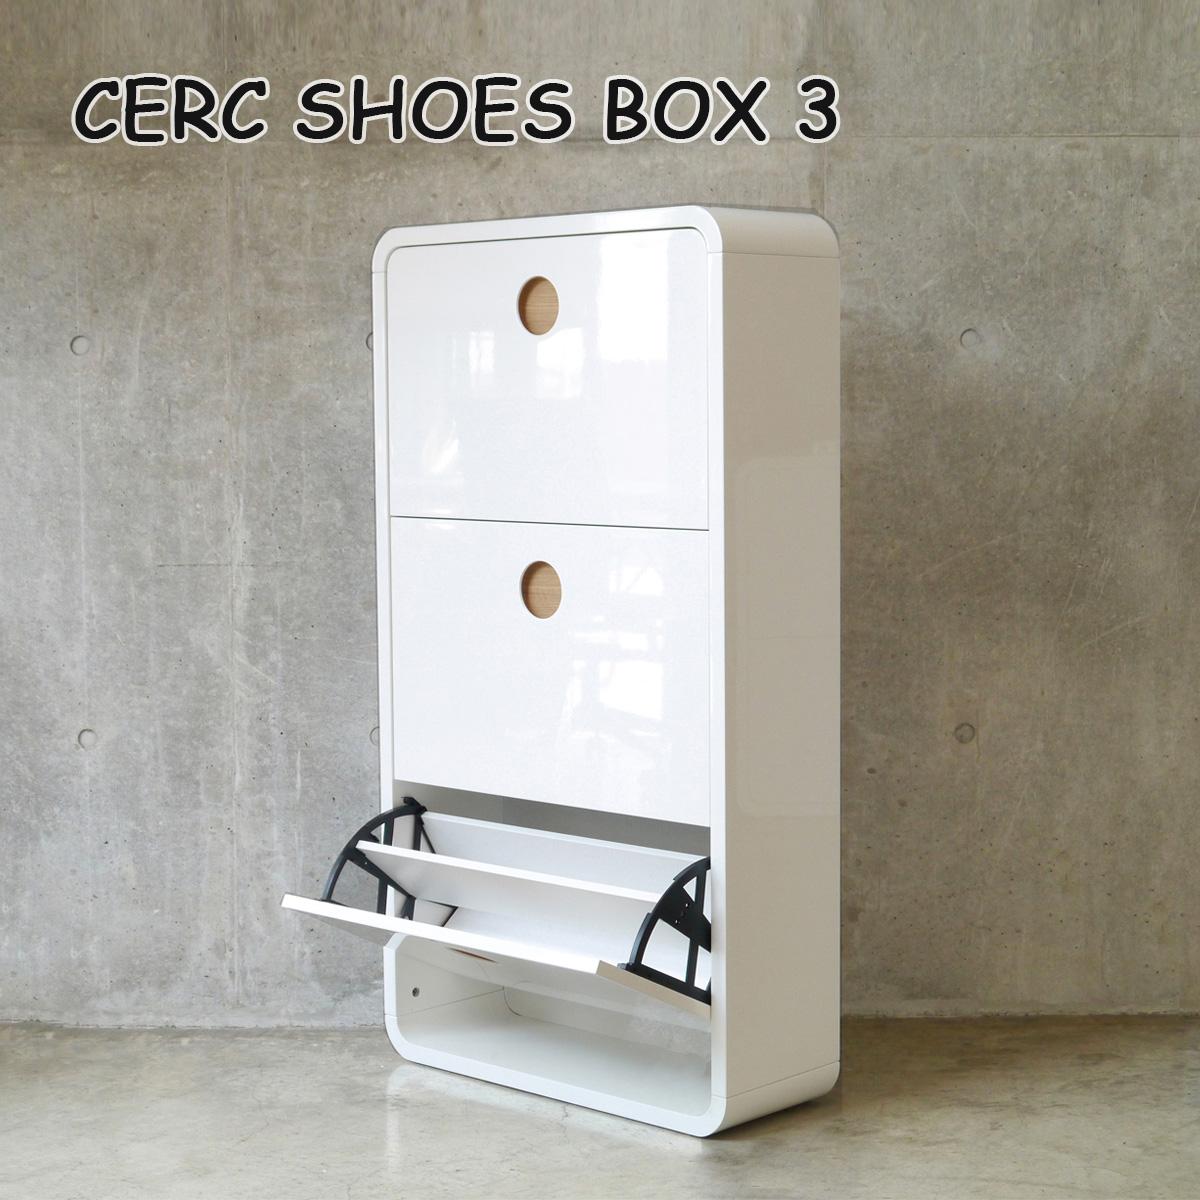 セルク シューズボックス 3段 CERC SHOES BOX 3 白 ホワイト完成品 フラップ扉 奥行き24cm スリムタイプ シンプル 転倒防止